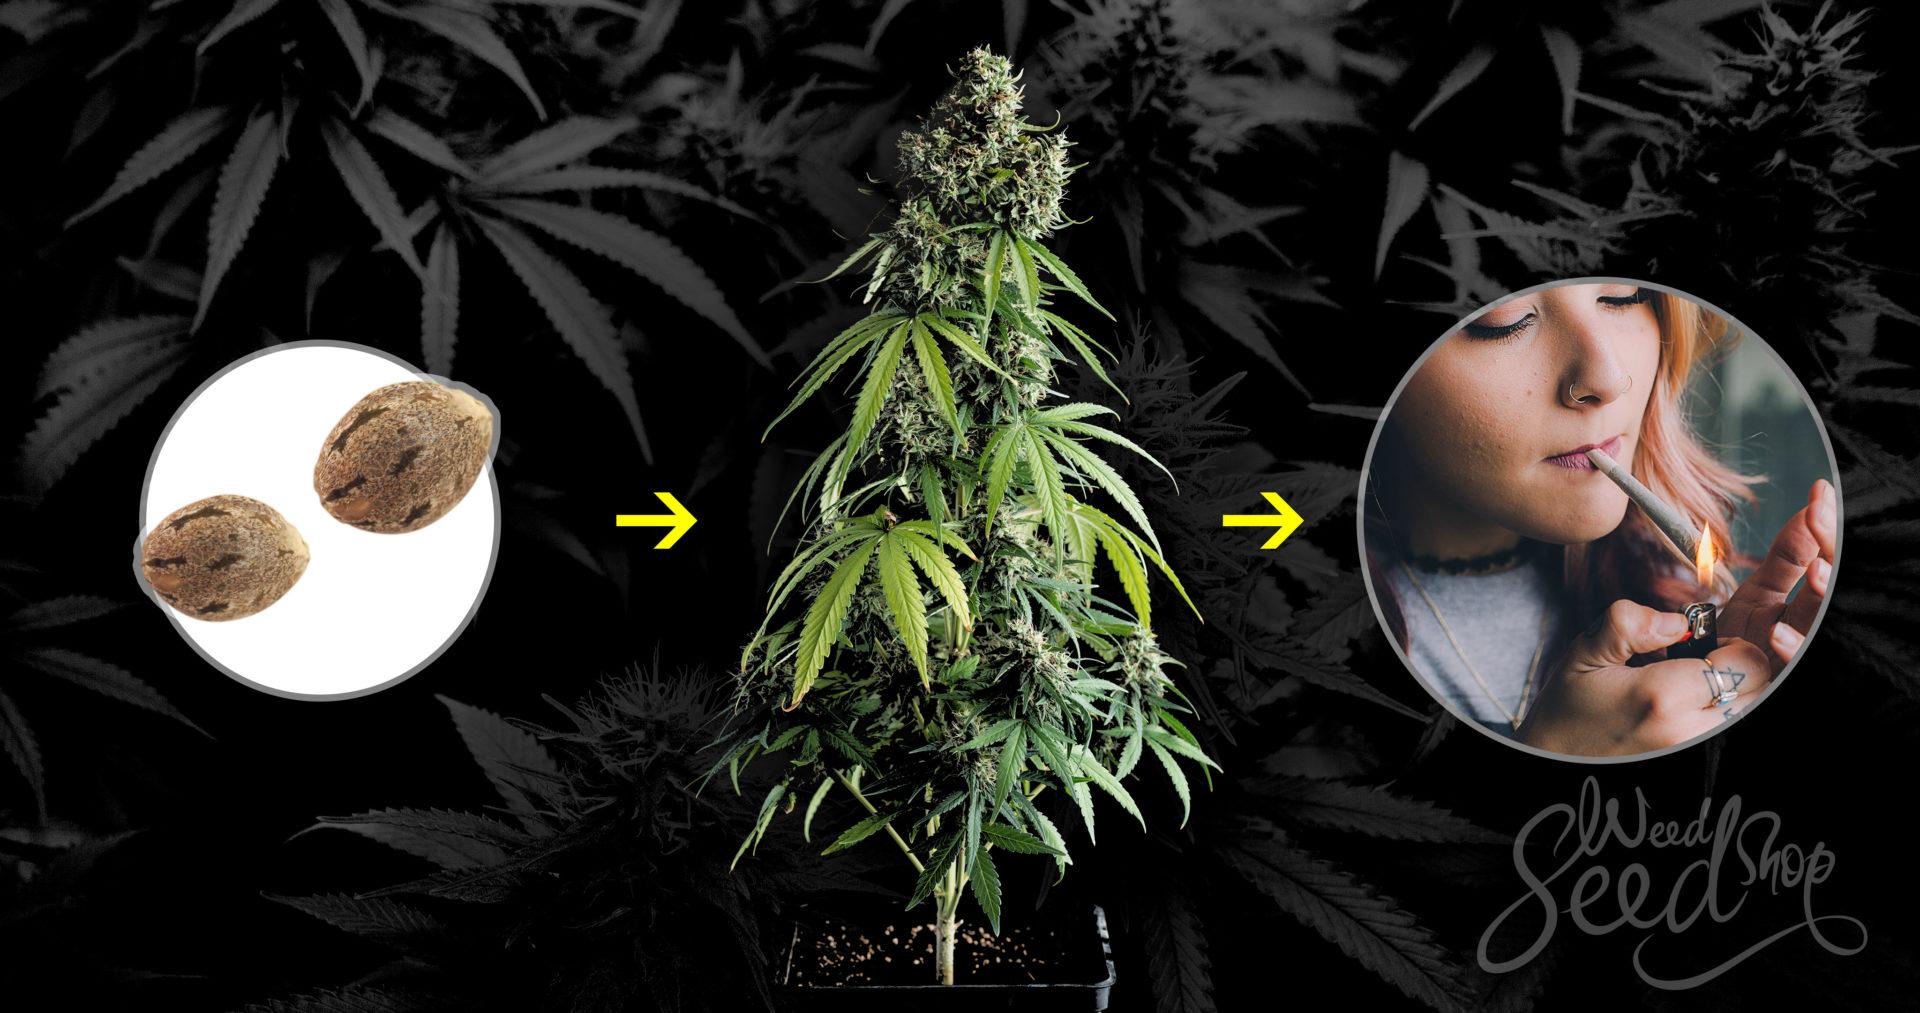 Desde la semilla hasta la marihuana: ¿Qué ocurre en la cultivación del cannabis?